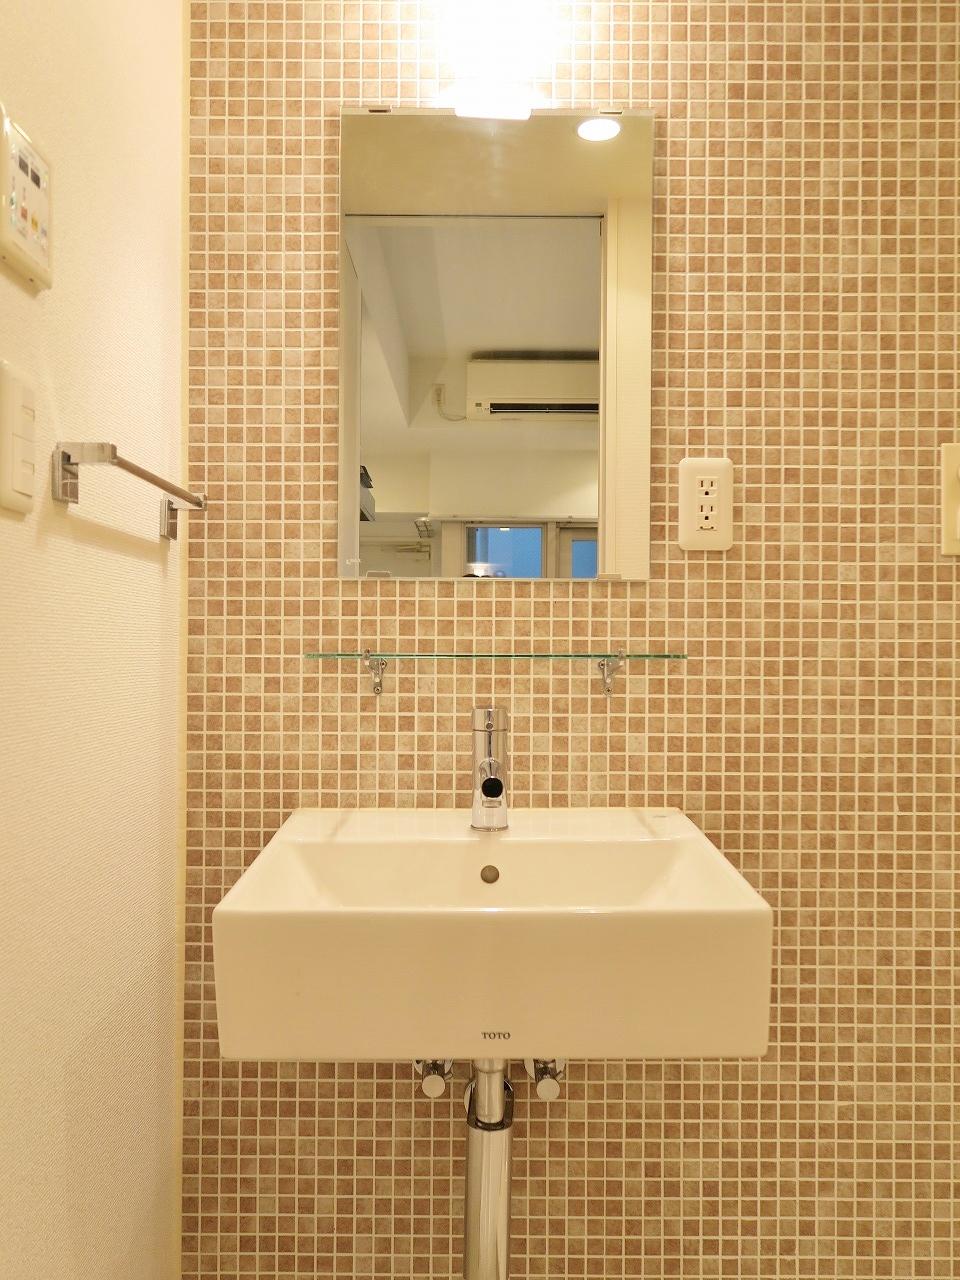 まるでショップにあるトイレのようにかわいらしいサニタリールーム。落ち着いた色合いのタイルがいつもあなたを迎えてくれます。これは毎朝テンション上がりそう!